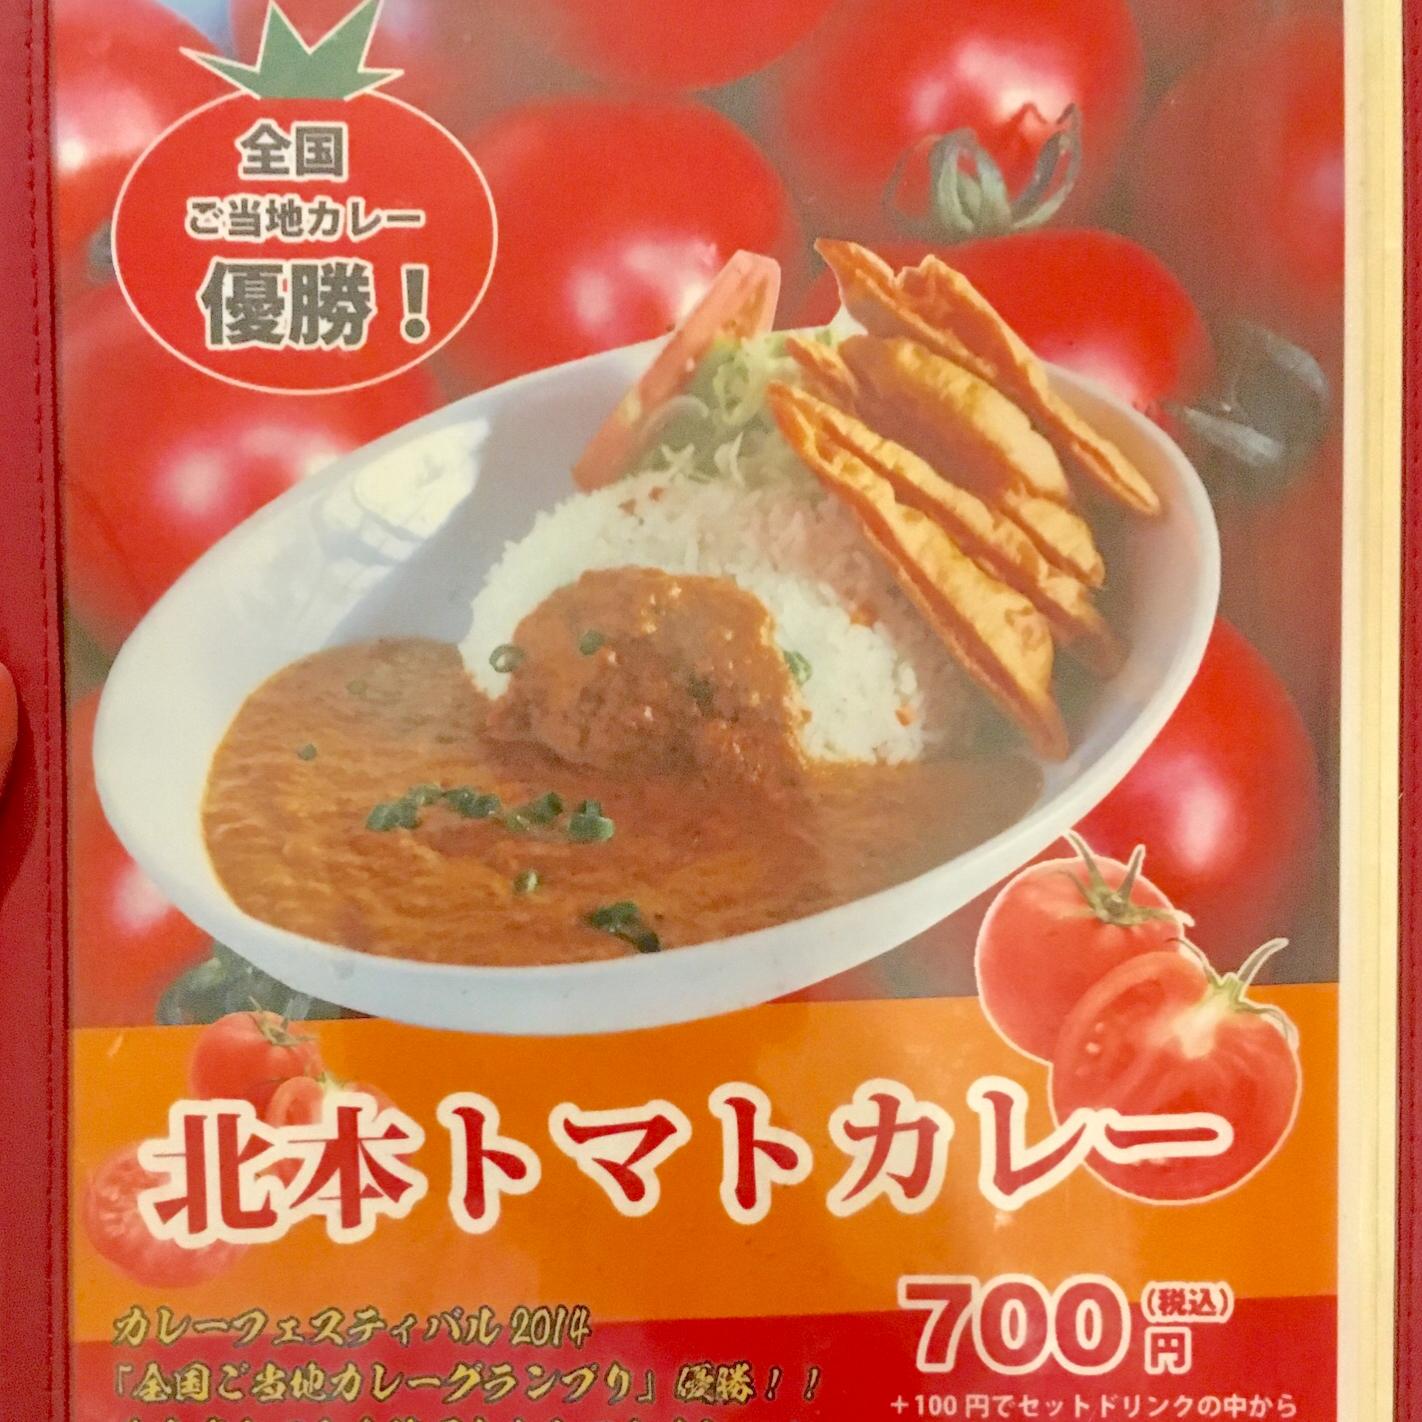 北本駅西口『ヘブン』で北本トマトカレーを味わう!インド料理も充実♪